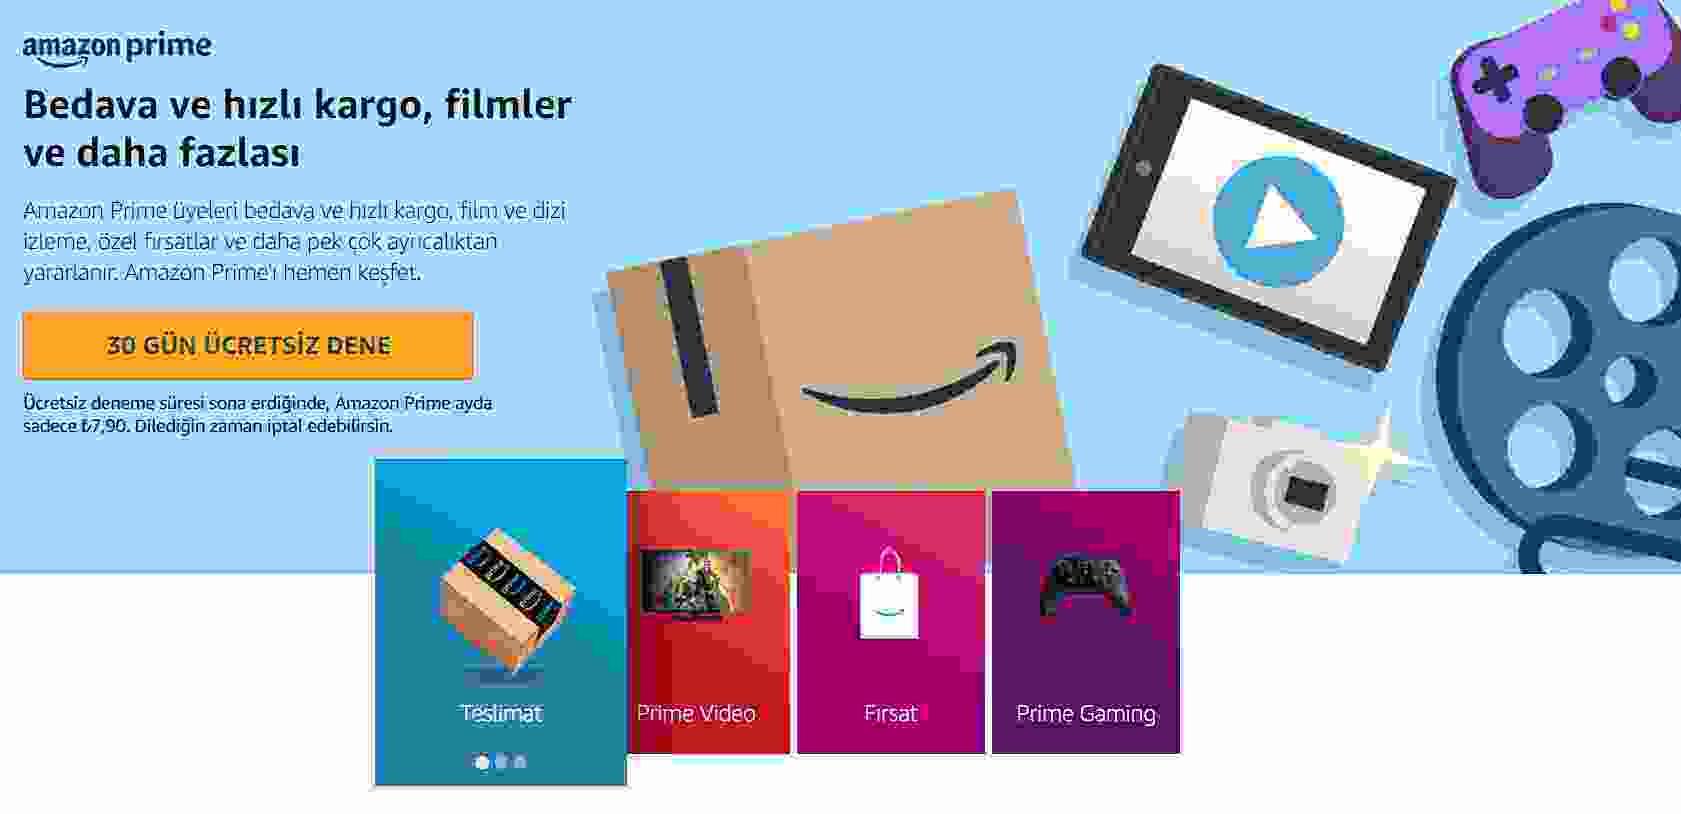 Amazon Prime Türkiye bugün devreye girdi, deneme süresi, fiyatı ve ücretsiz kargo, aynı gün teslimat gibi avantajları nedir, aşağıda bulabilirsiniz.